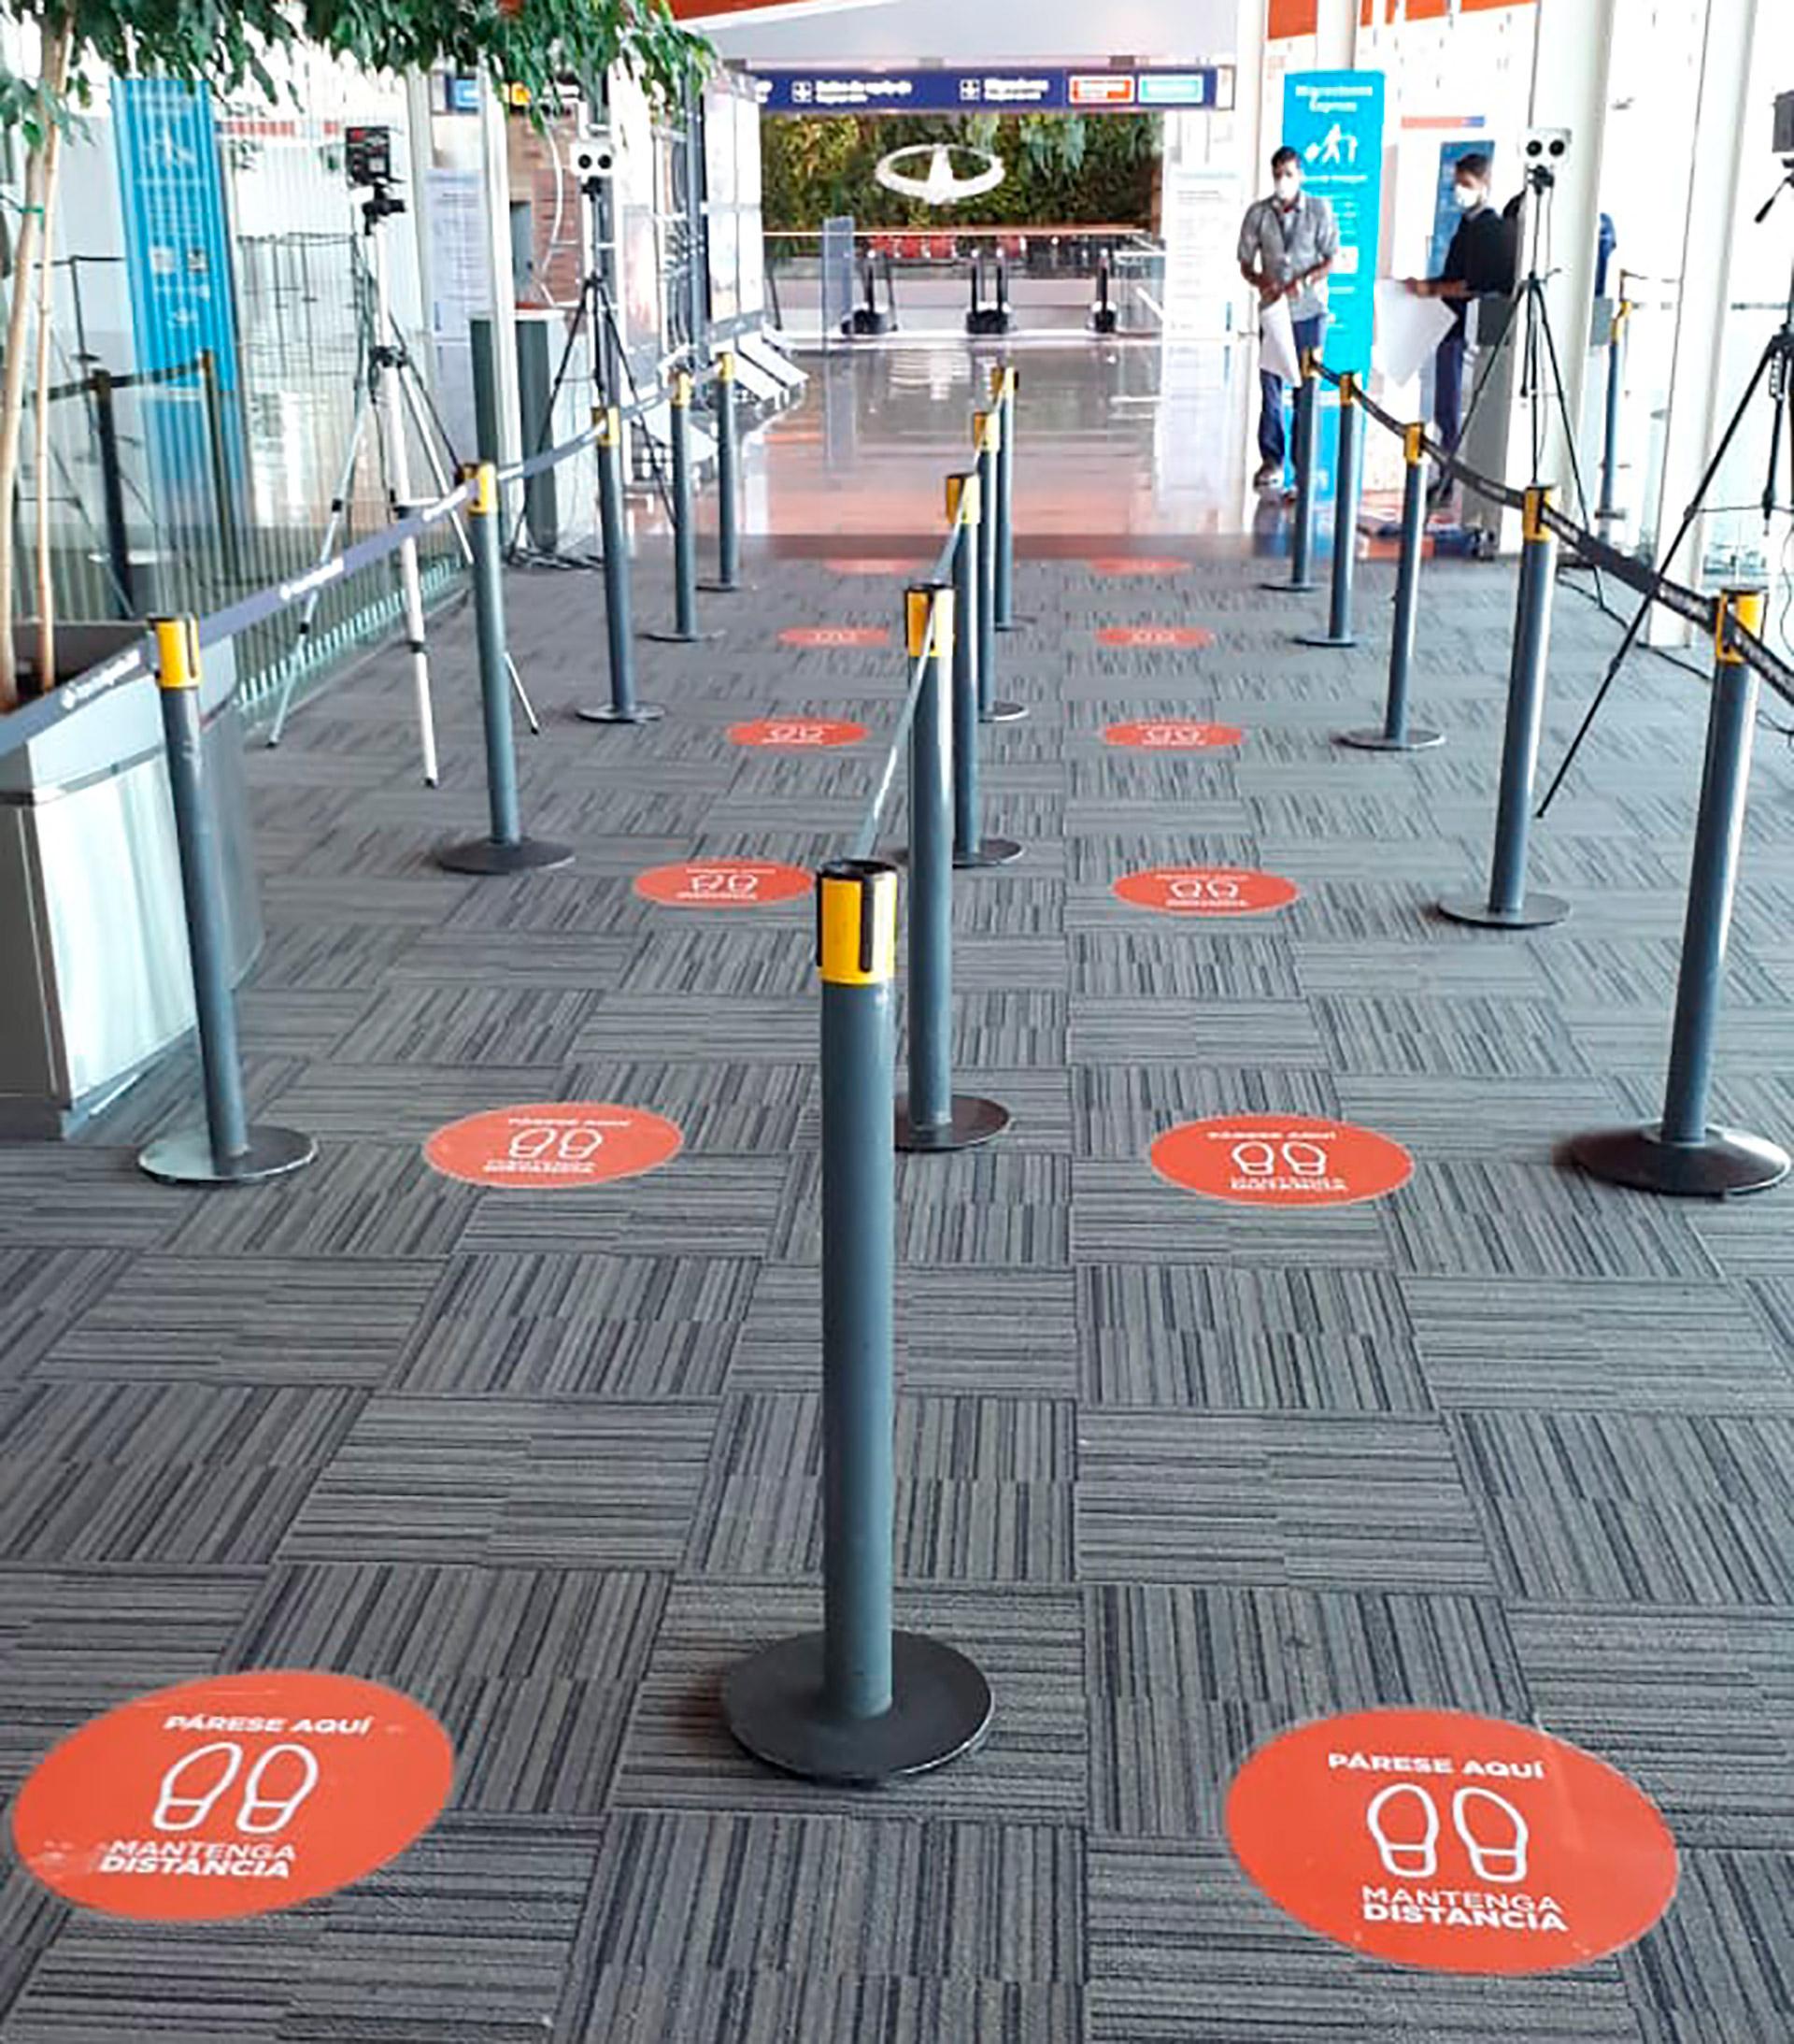 El objetivo del protocolo es disminuir la circulación de pasajeros dentro de la terminal